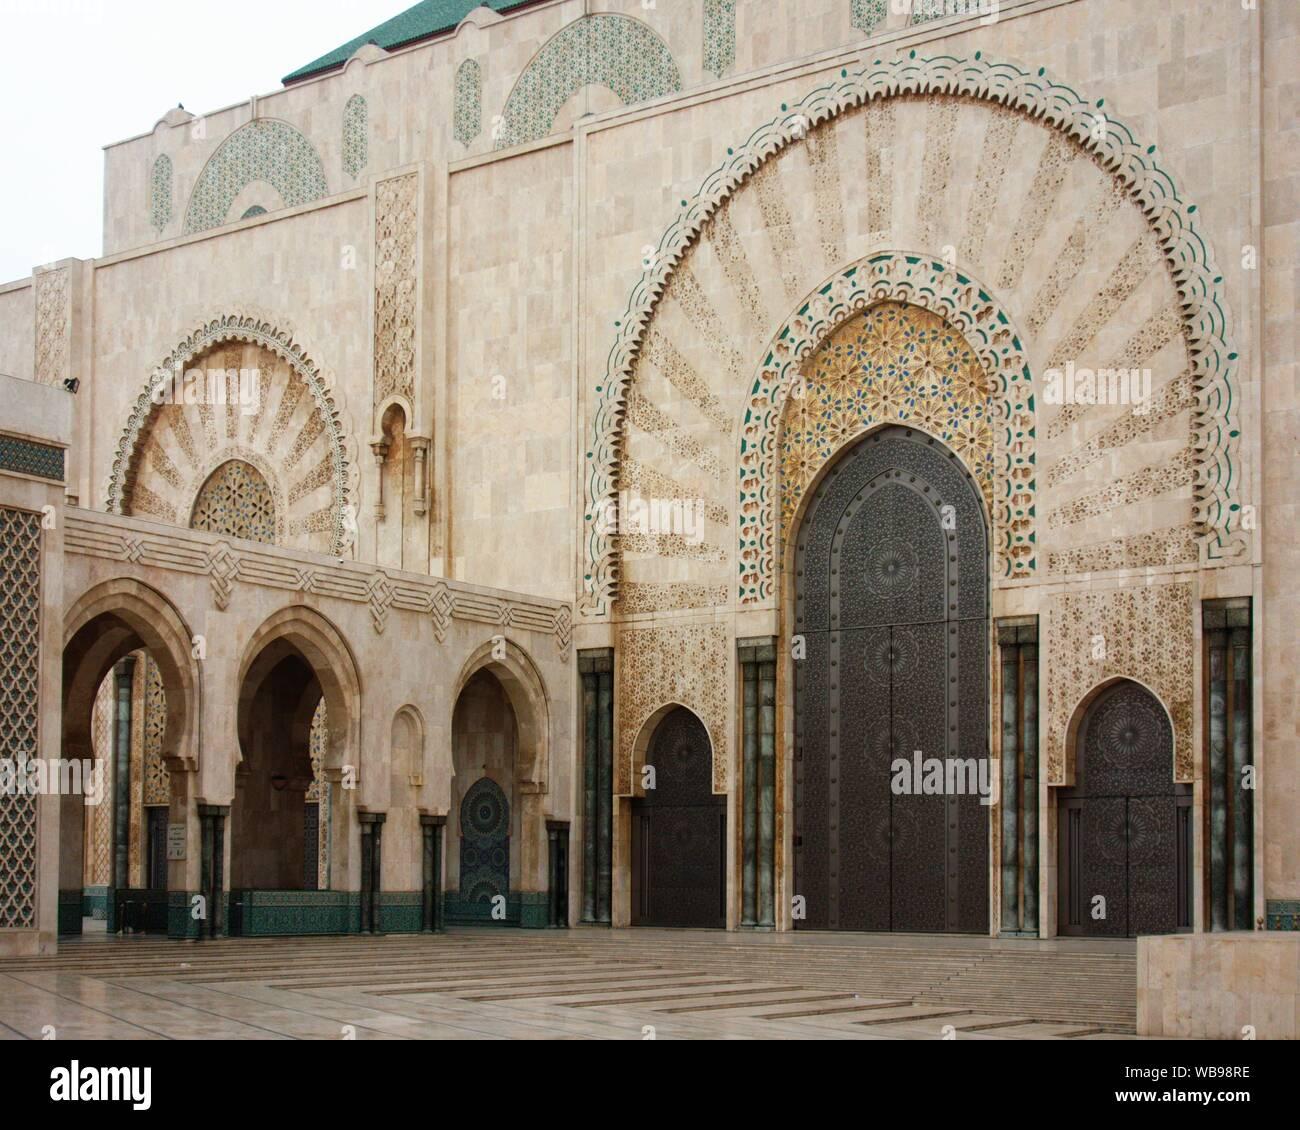 El más famoso e impresionante edificio en Casablanca - Mezquita Hassan II. Foto de stock